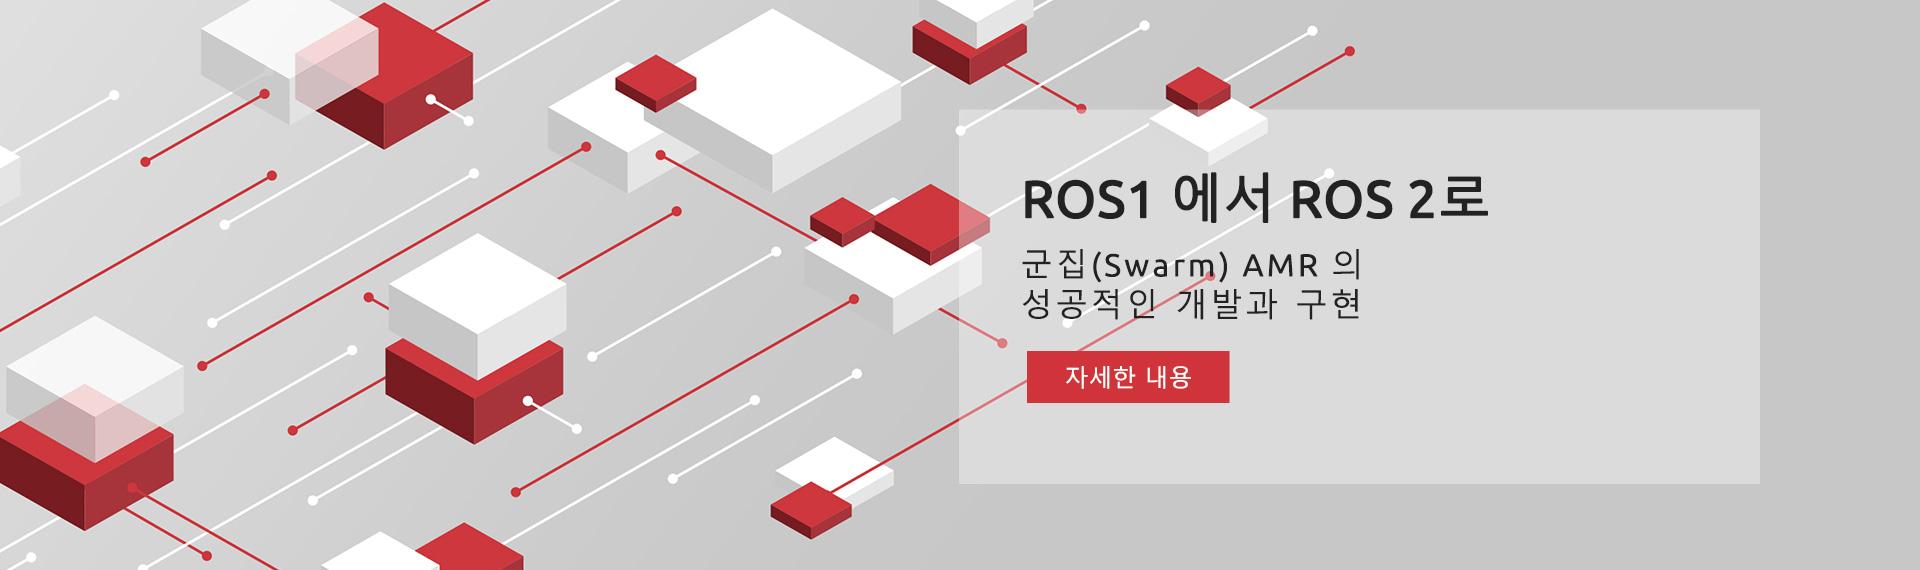 군집(Swarm) AMR 의 성공적인 개발과 구현